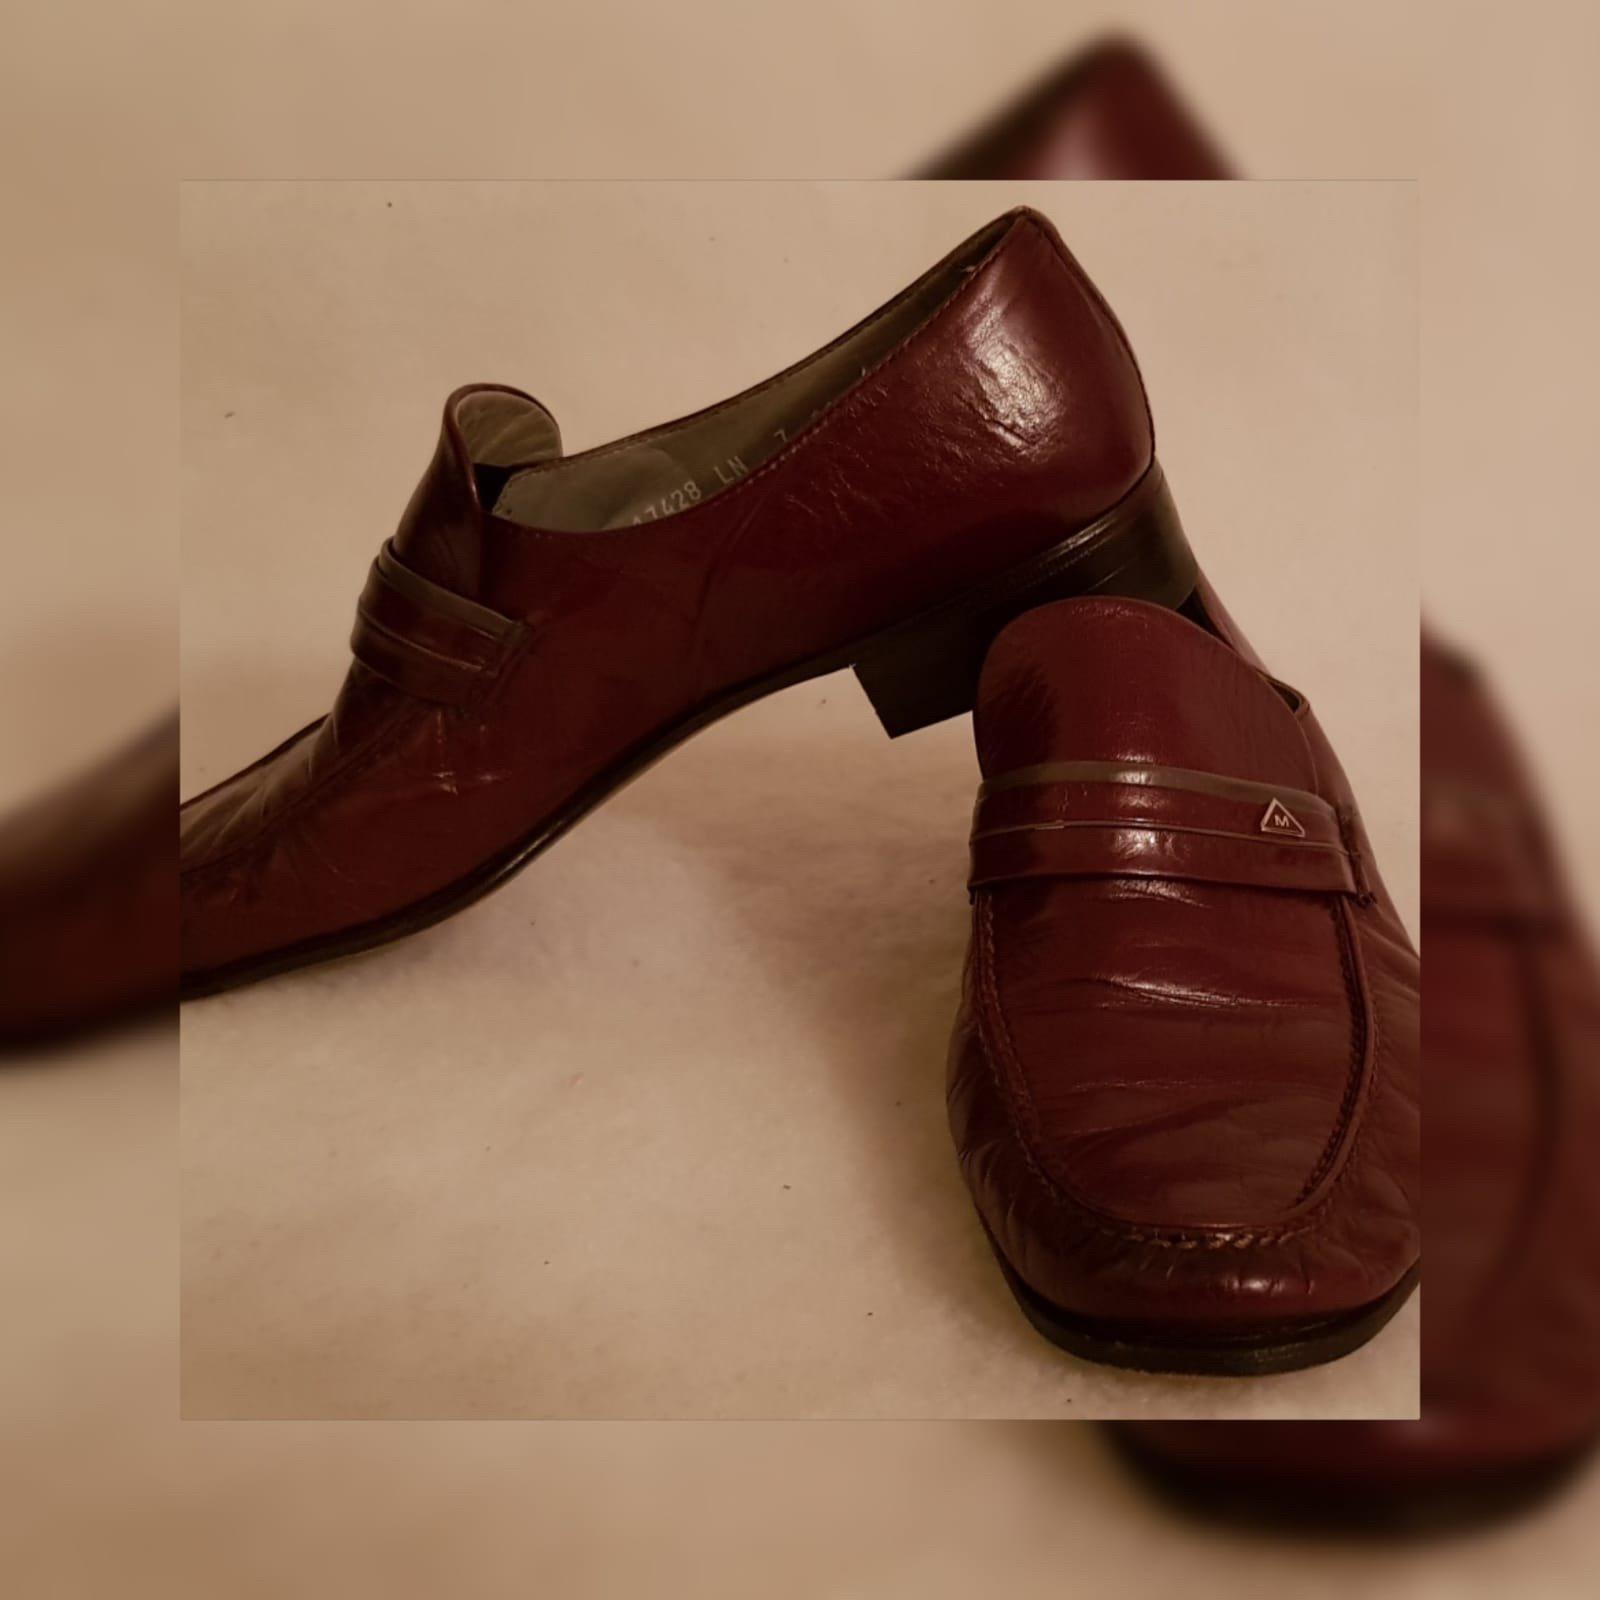 c936a6a970b Herr skor Moreschi made in Italy (337682677) ᐈ Köp på Tradera